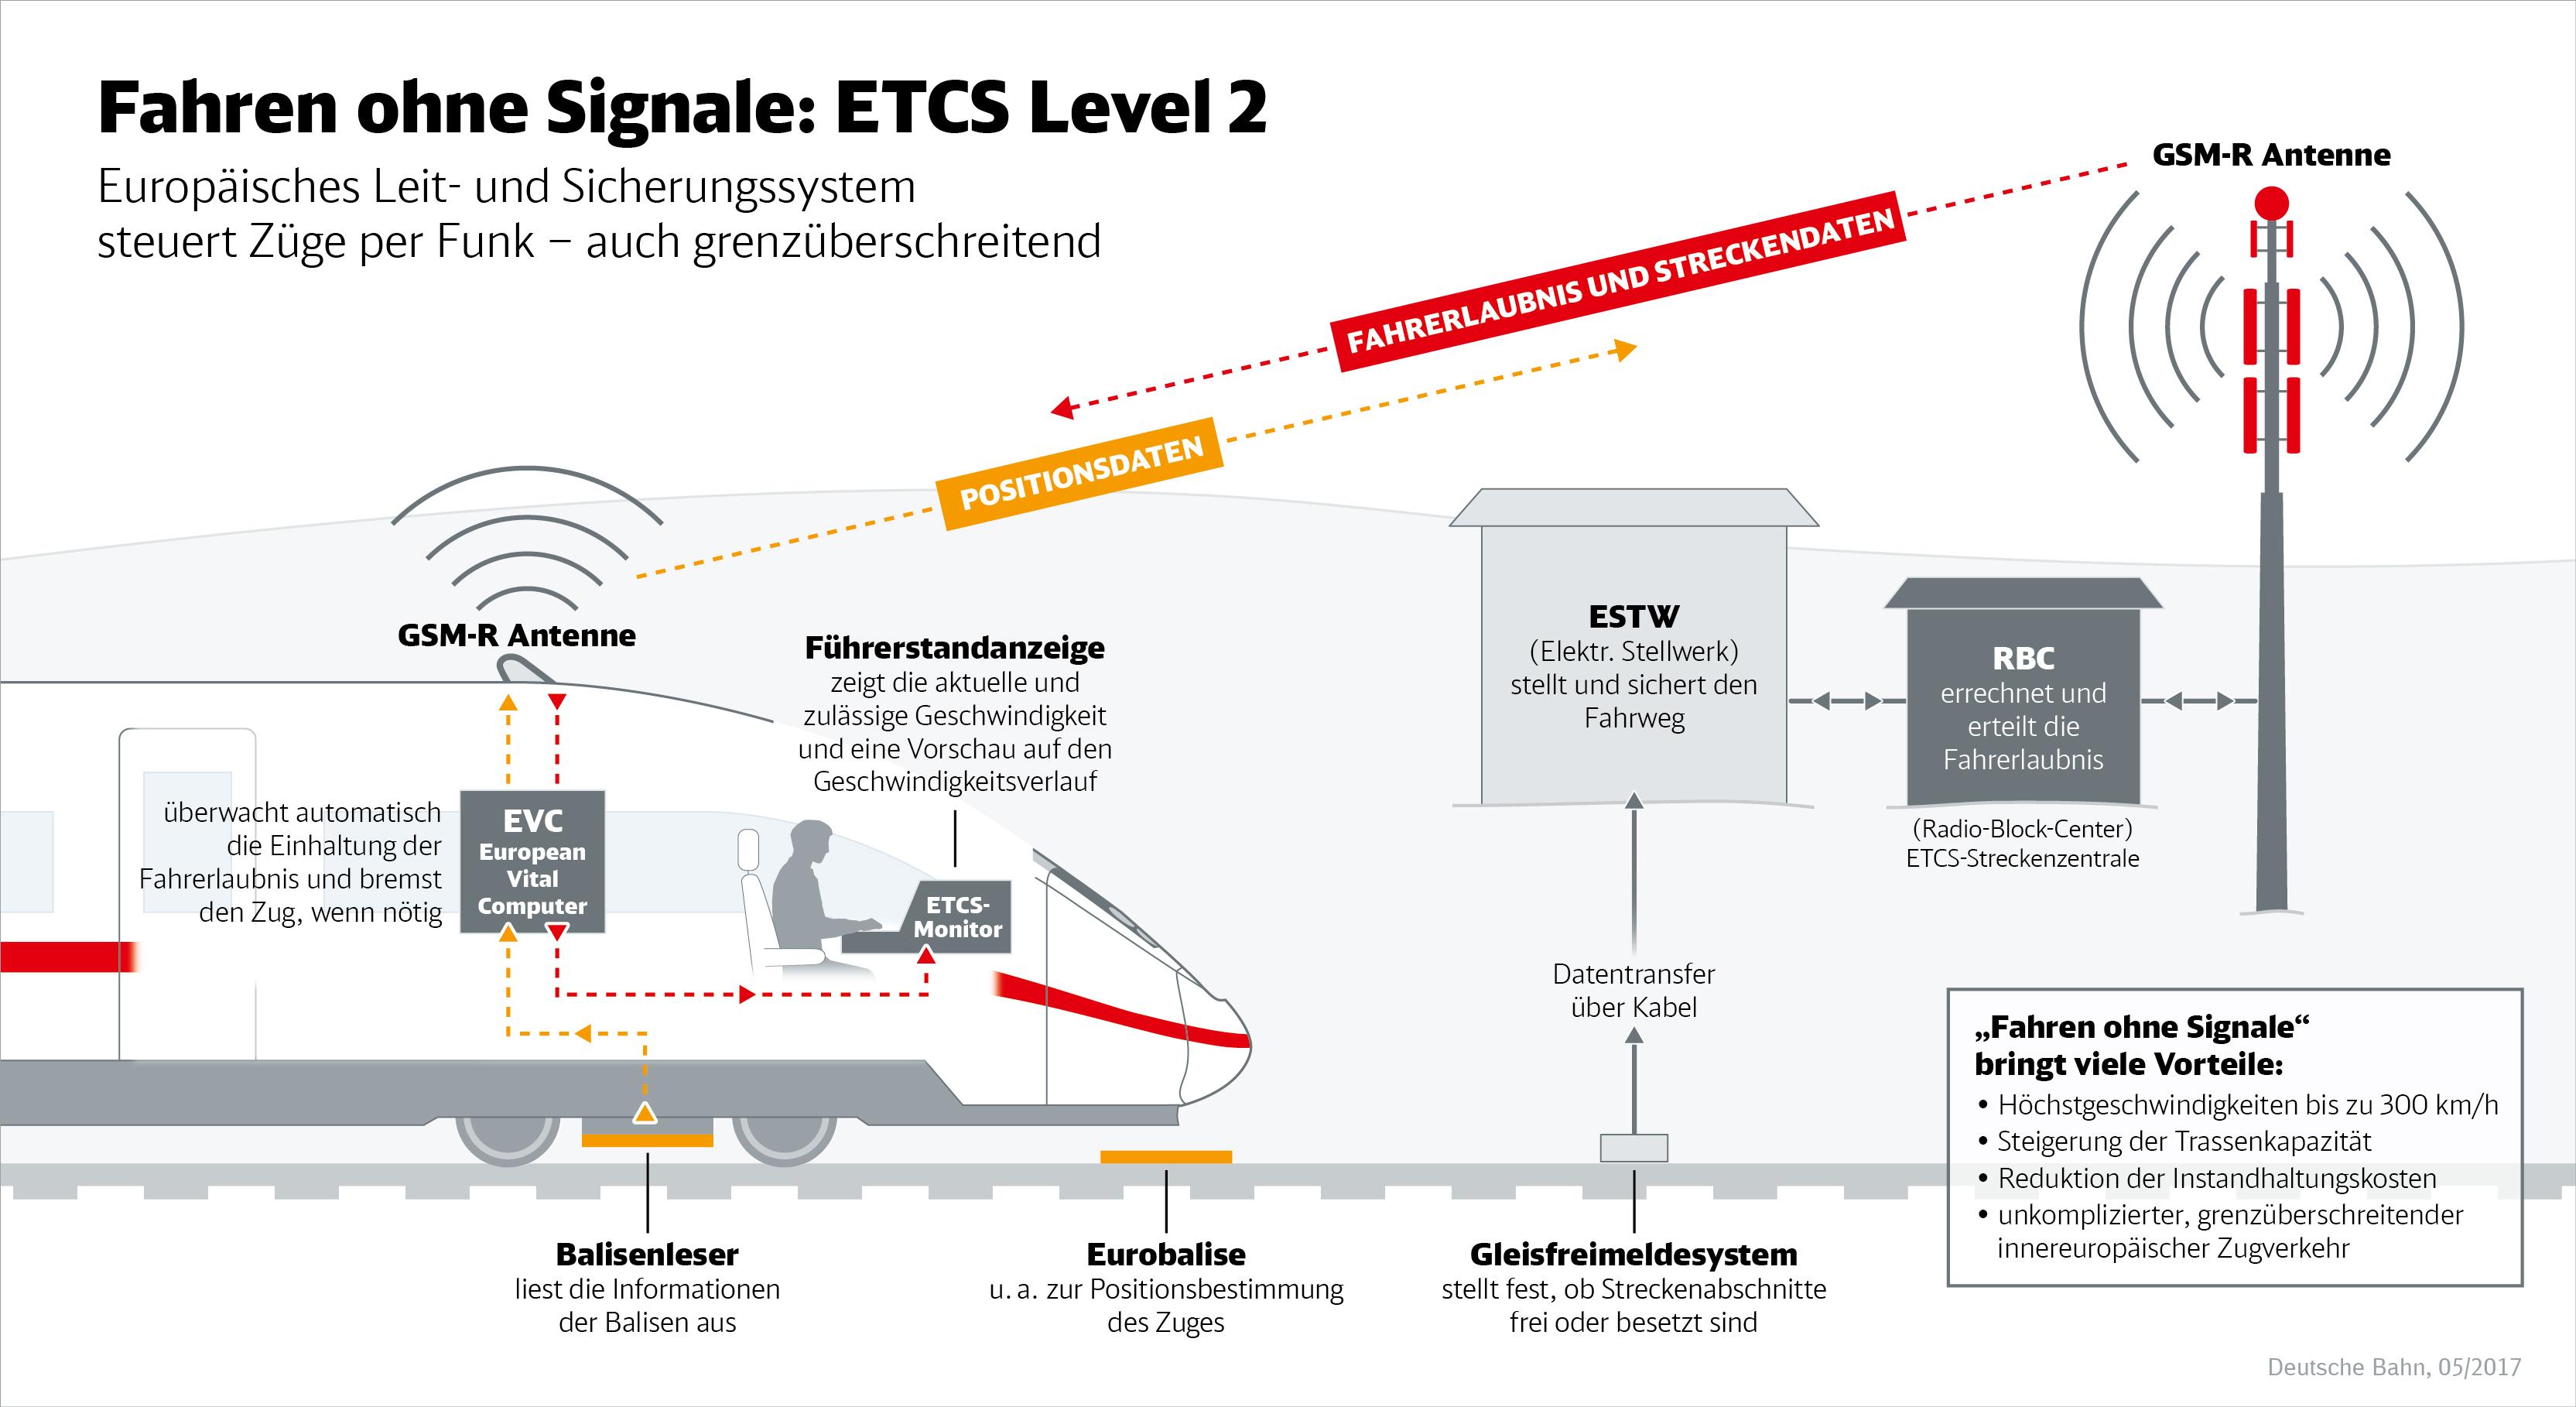 ETCS Level 2